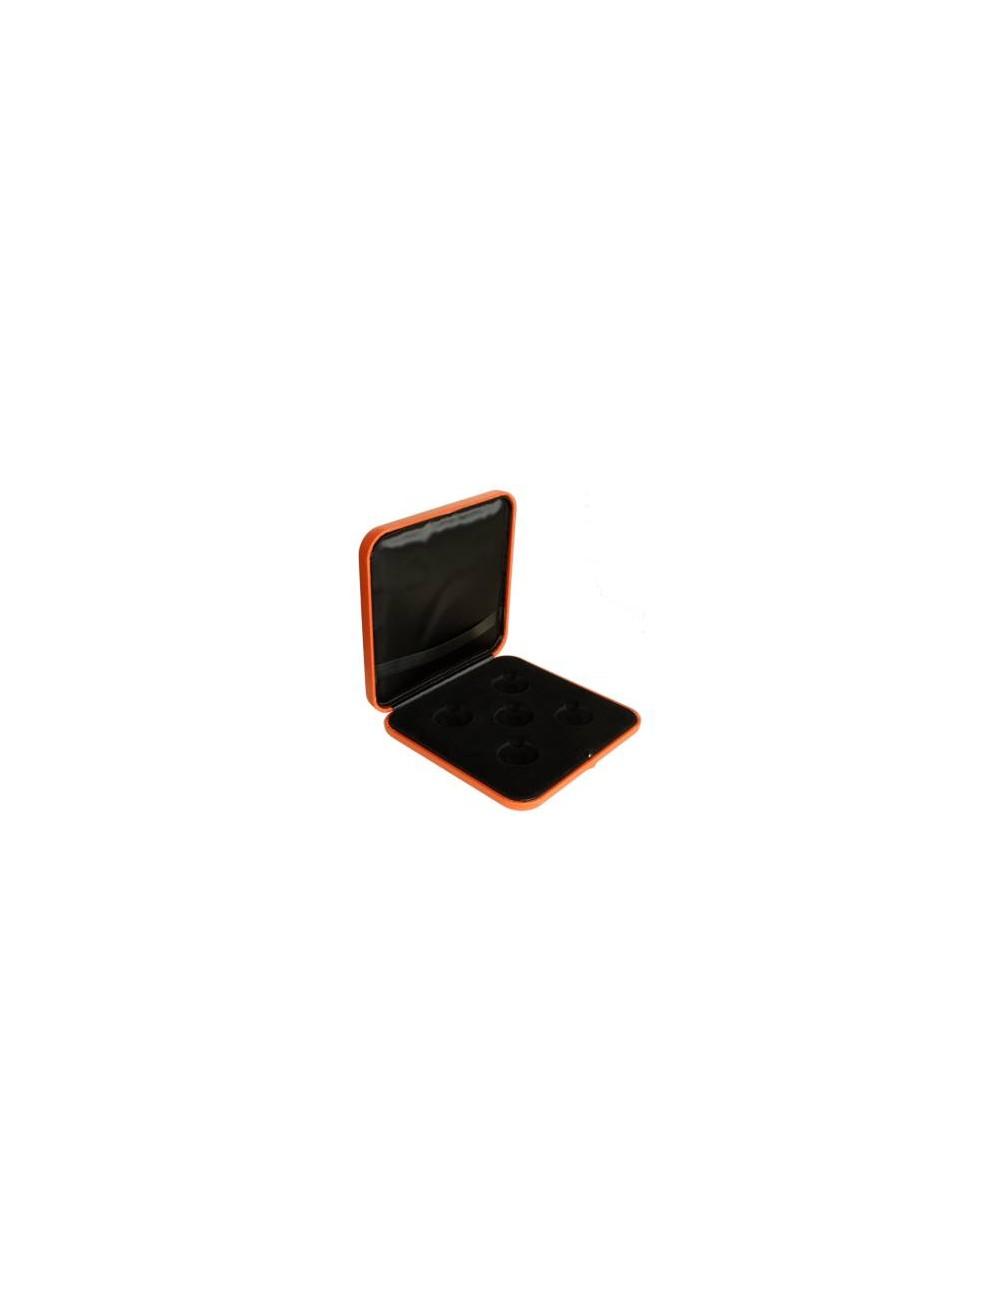 Reprezentacinė dėžutė medaliams oranžinė, 33 mm